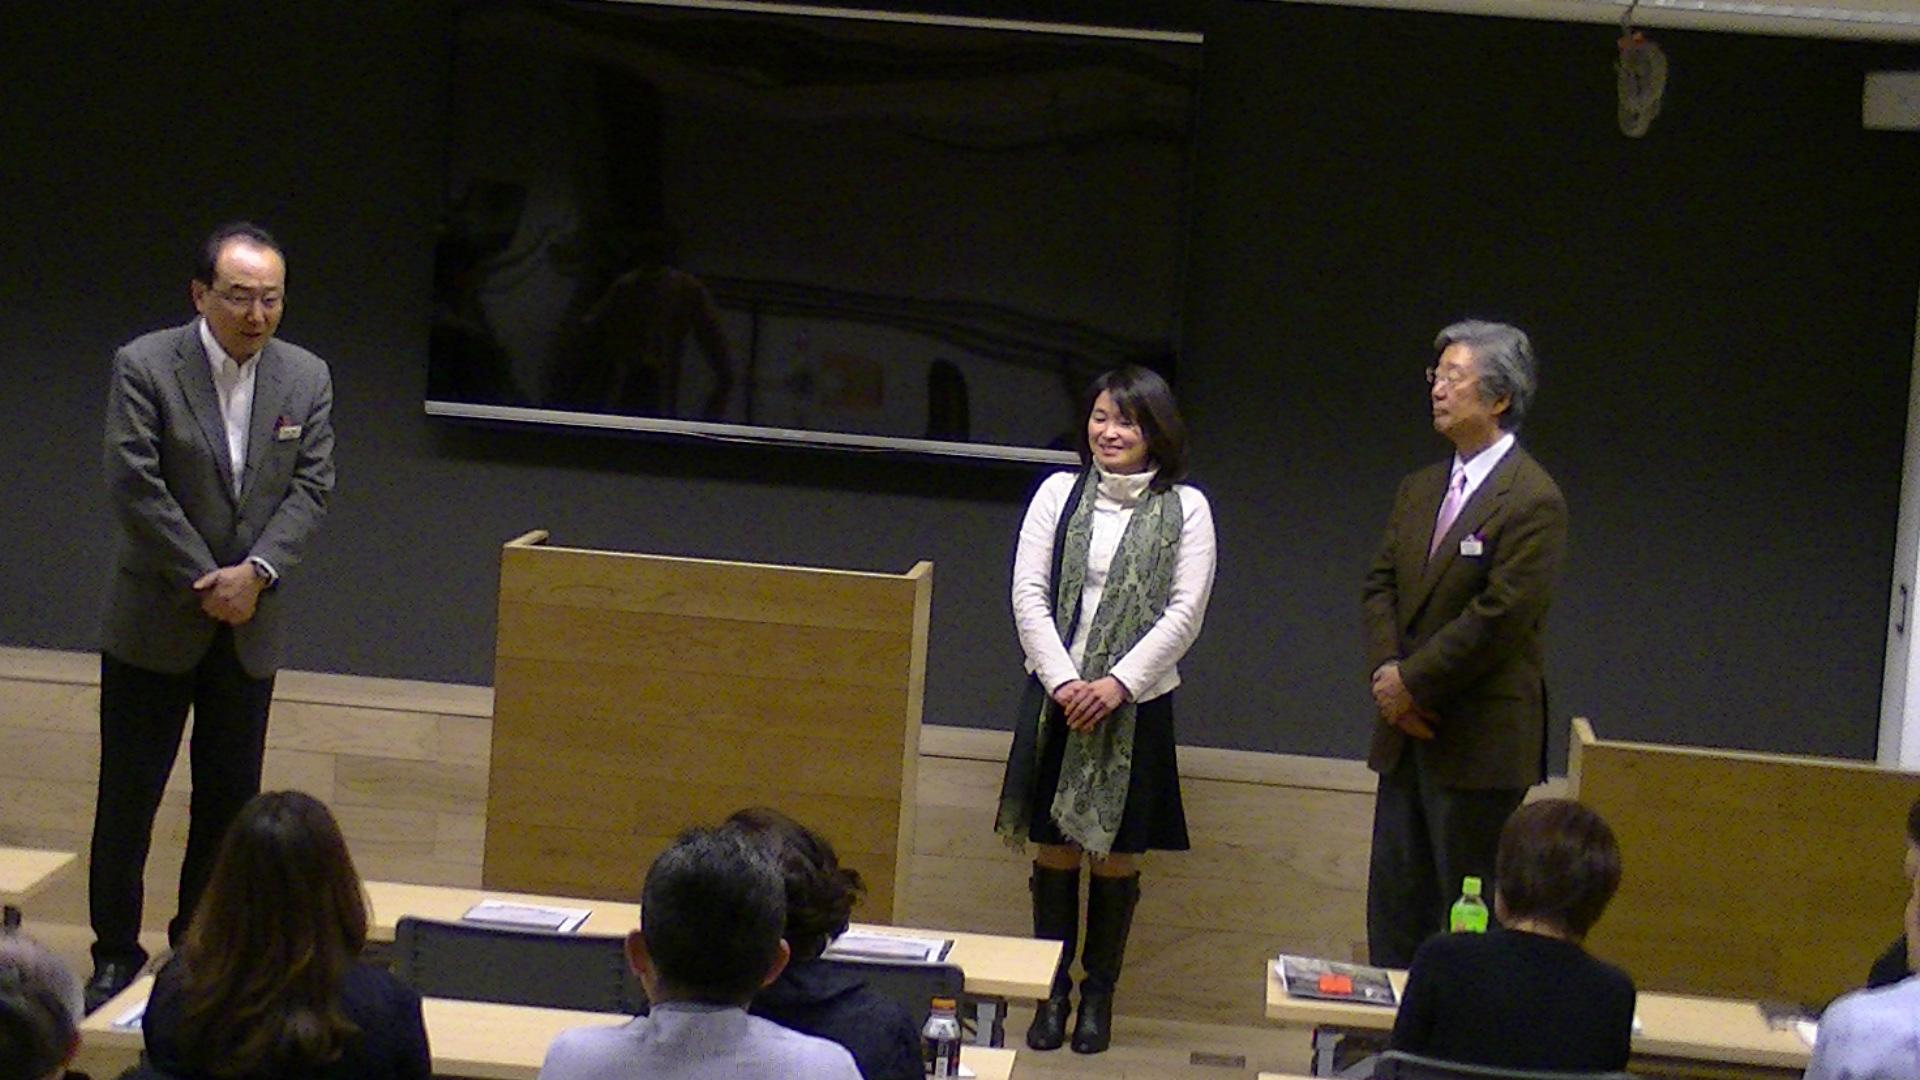 PIC 0535 1 - 平成30年度 東京思風塾 4月7日(土)「時代が問題をつくり、問題が人物をつくる」